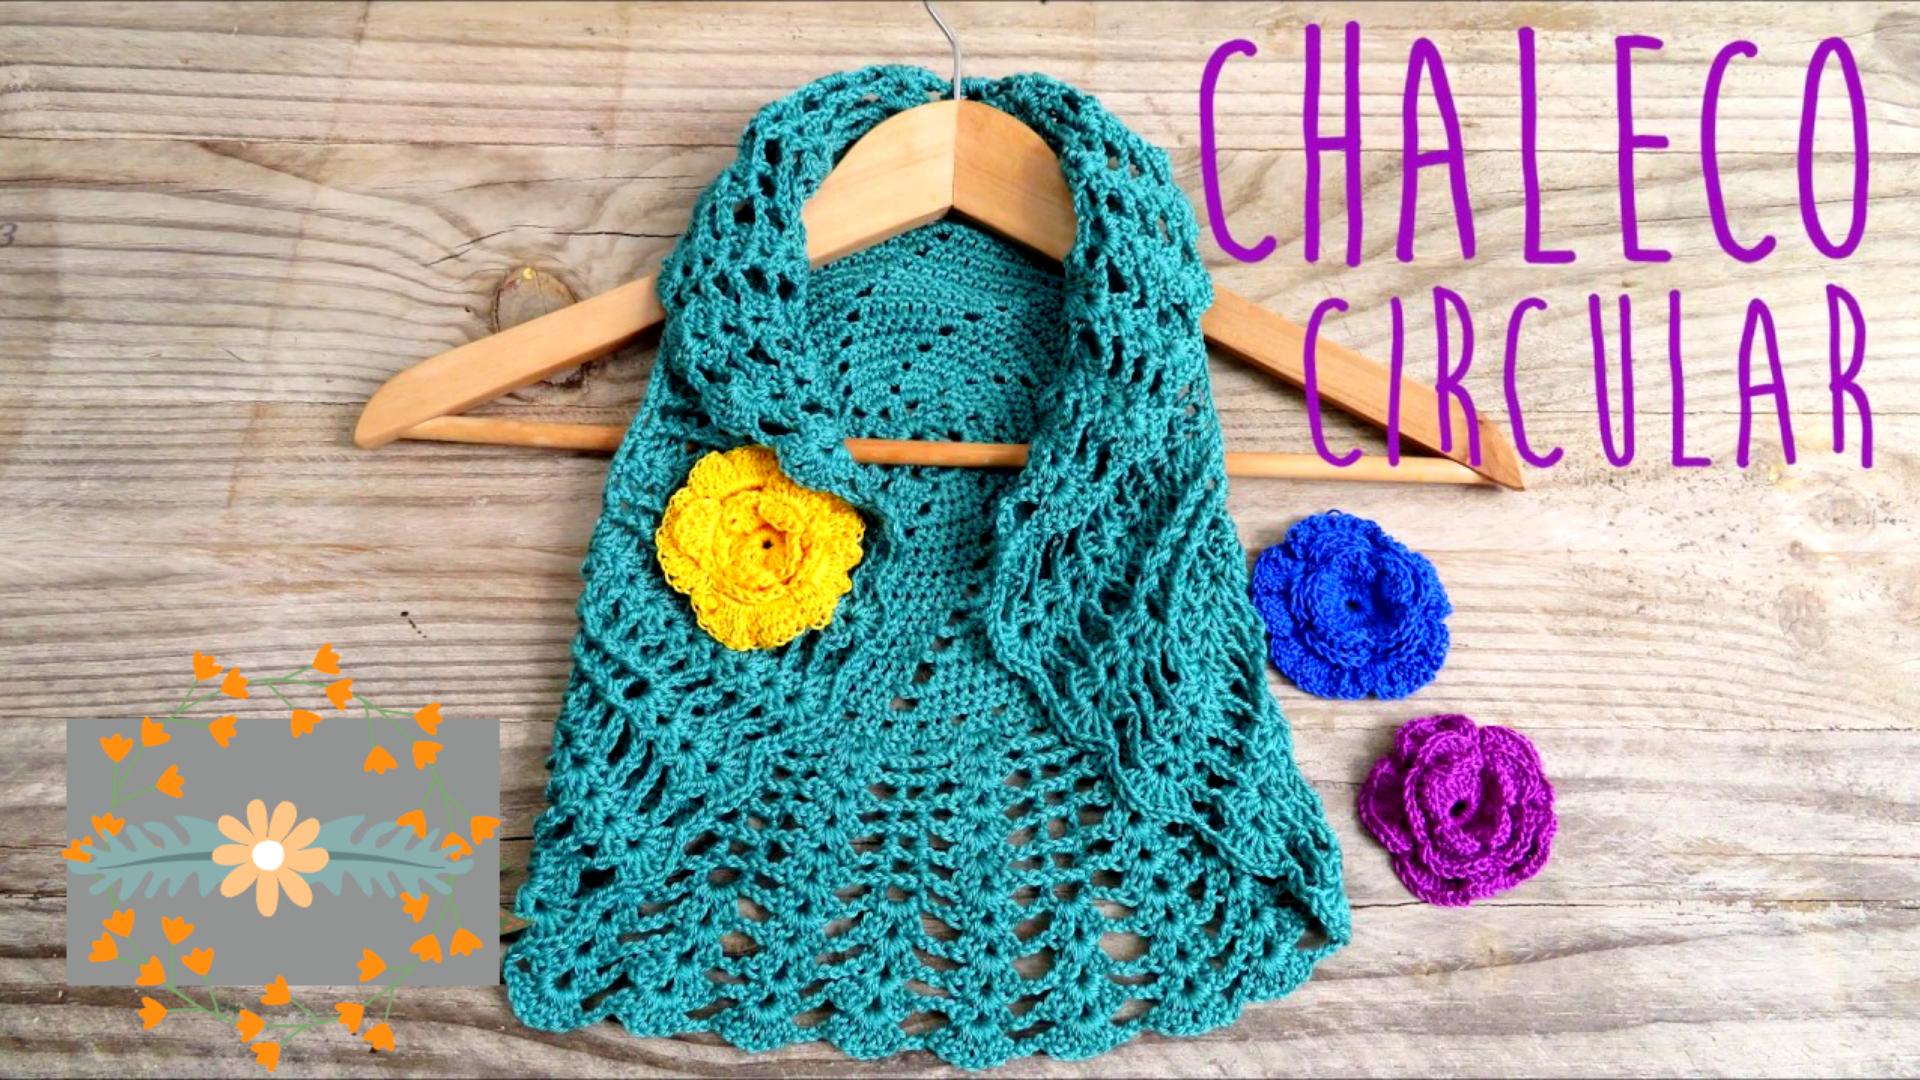 Bolero o chaleco circular a crochet